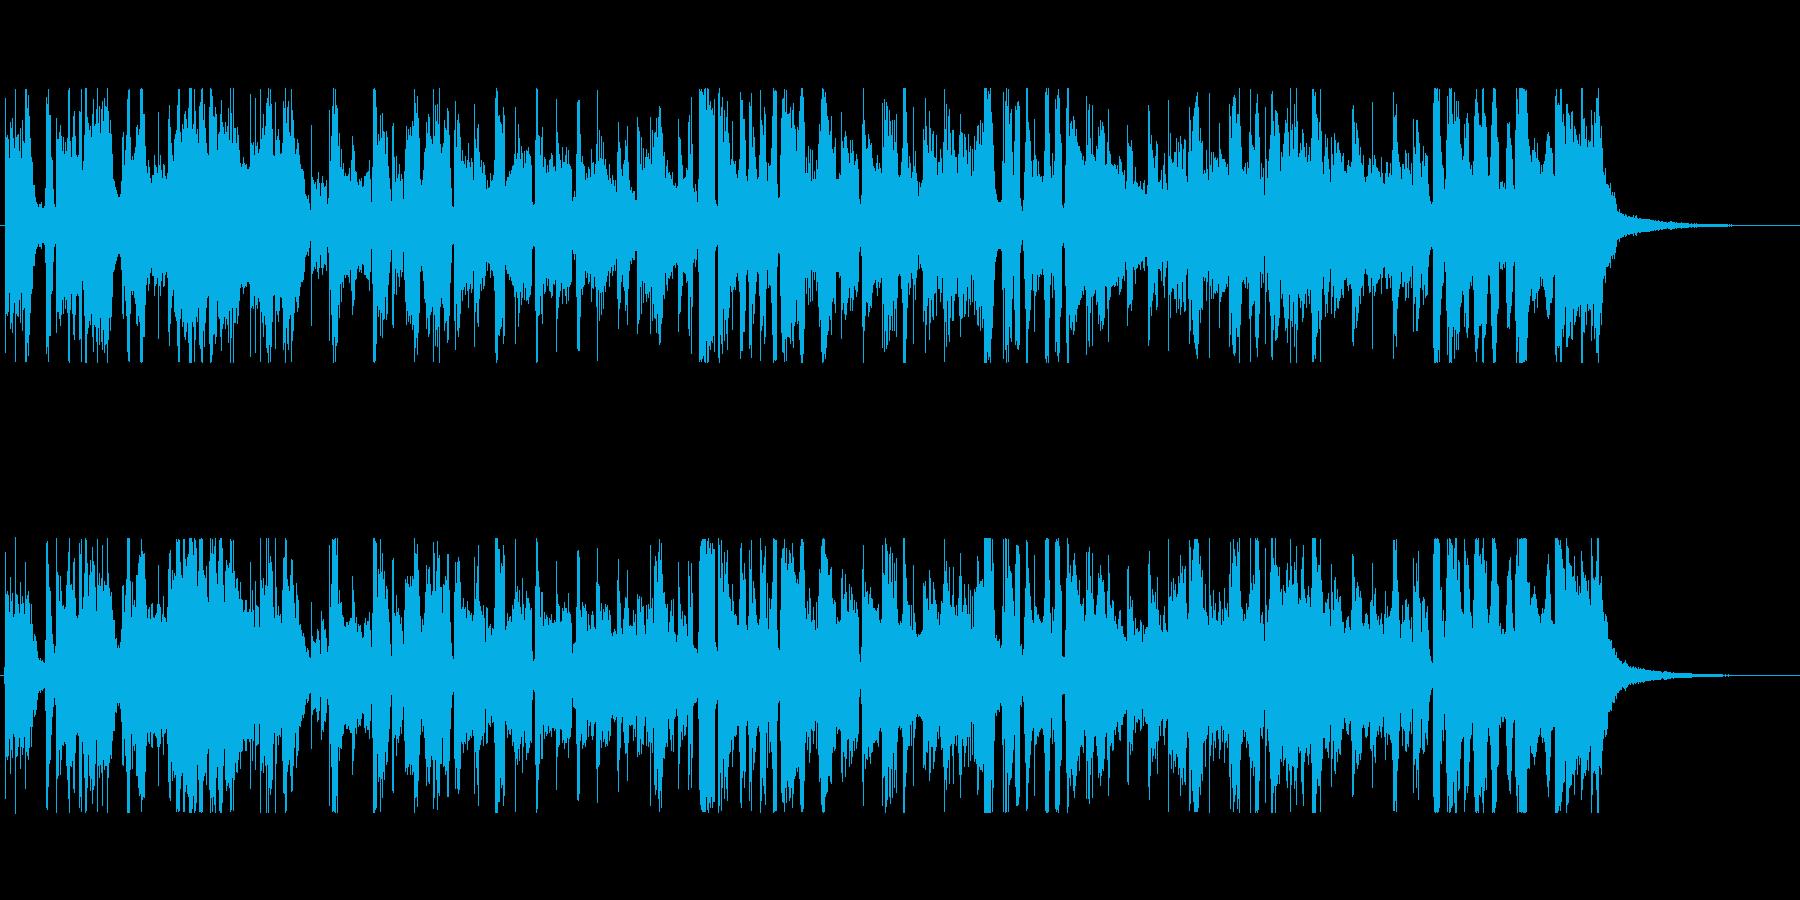 牛肉をテーマにした楽曲の再生済みの波形